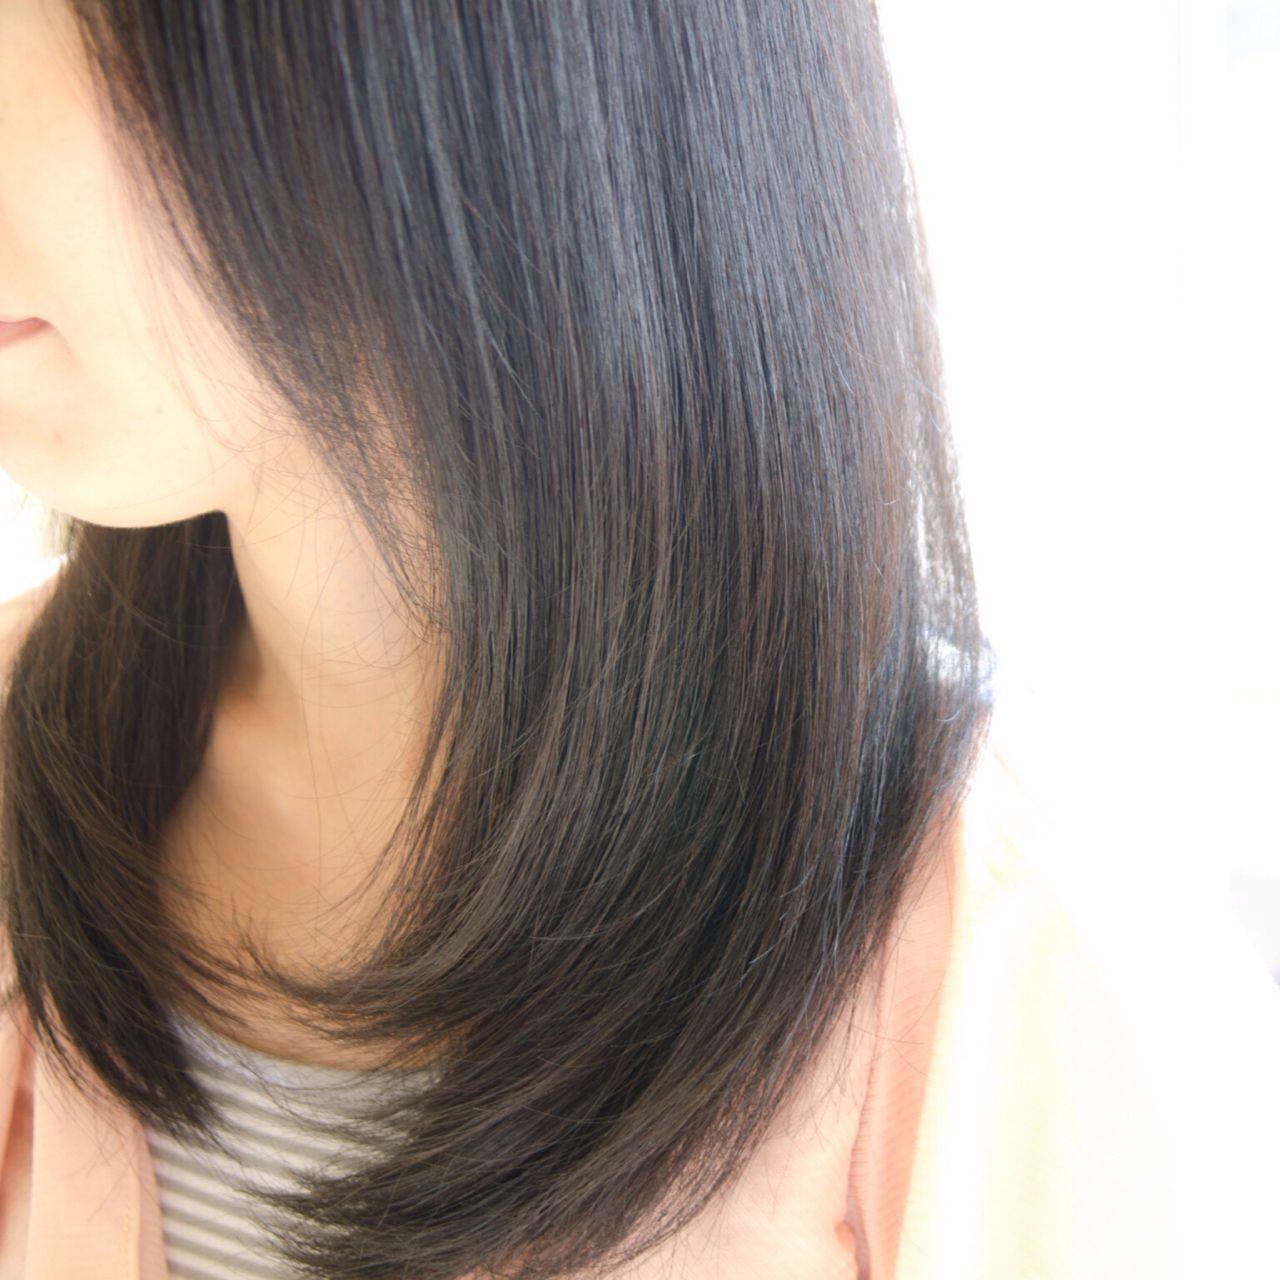 髪型セットにはスタイリング剤がマスト!きれいに仕上げるコツ教えます 友田 徳政 | Hair dressing Bis!